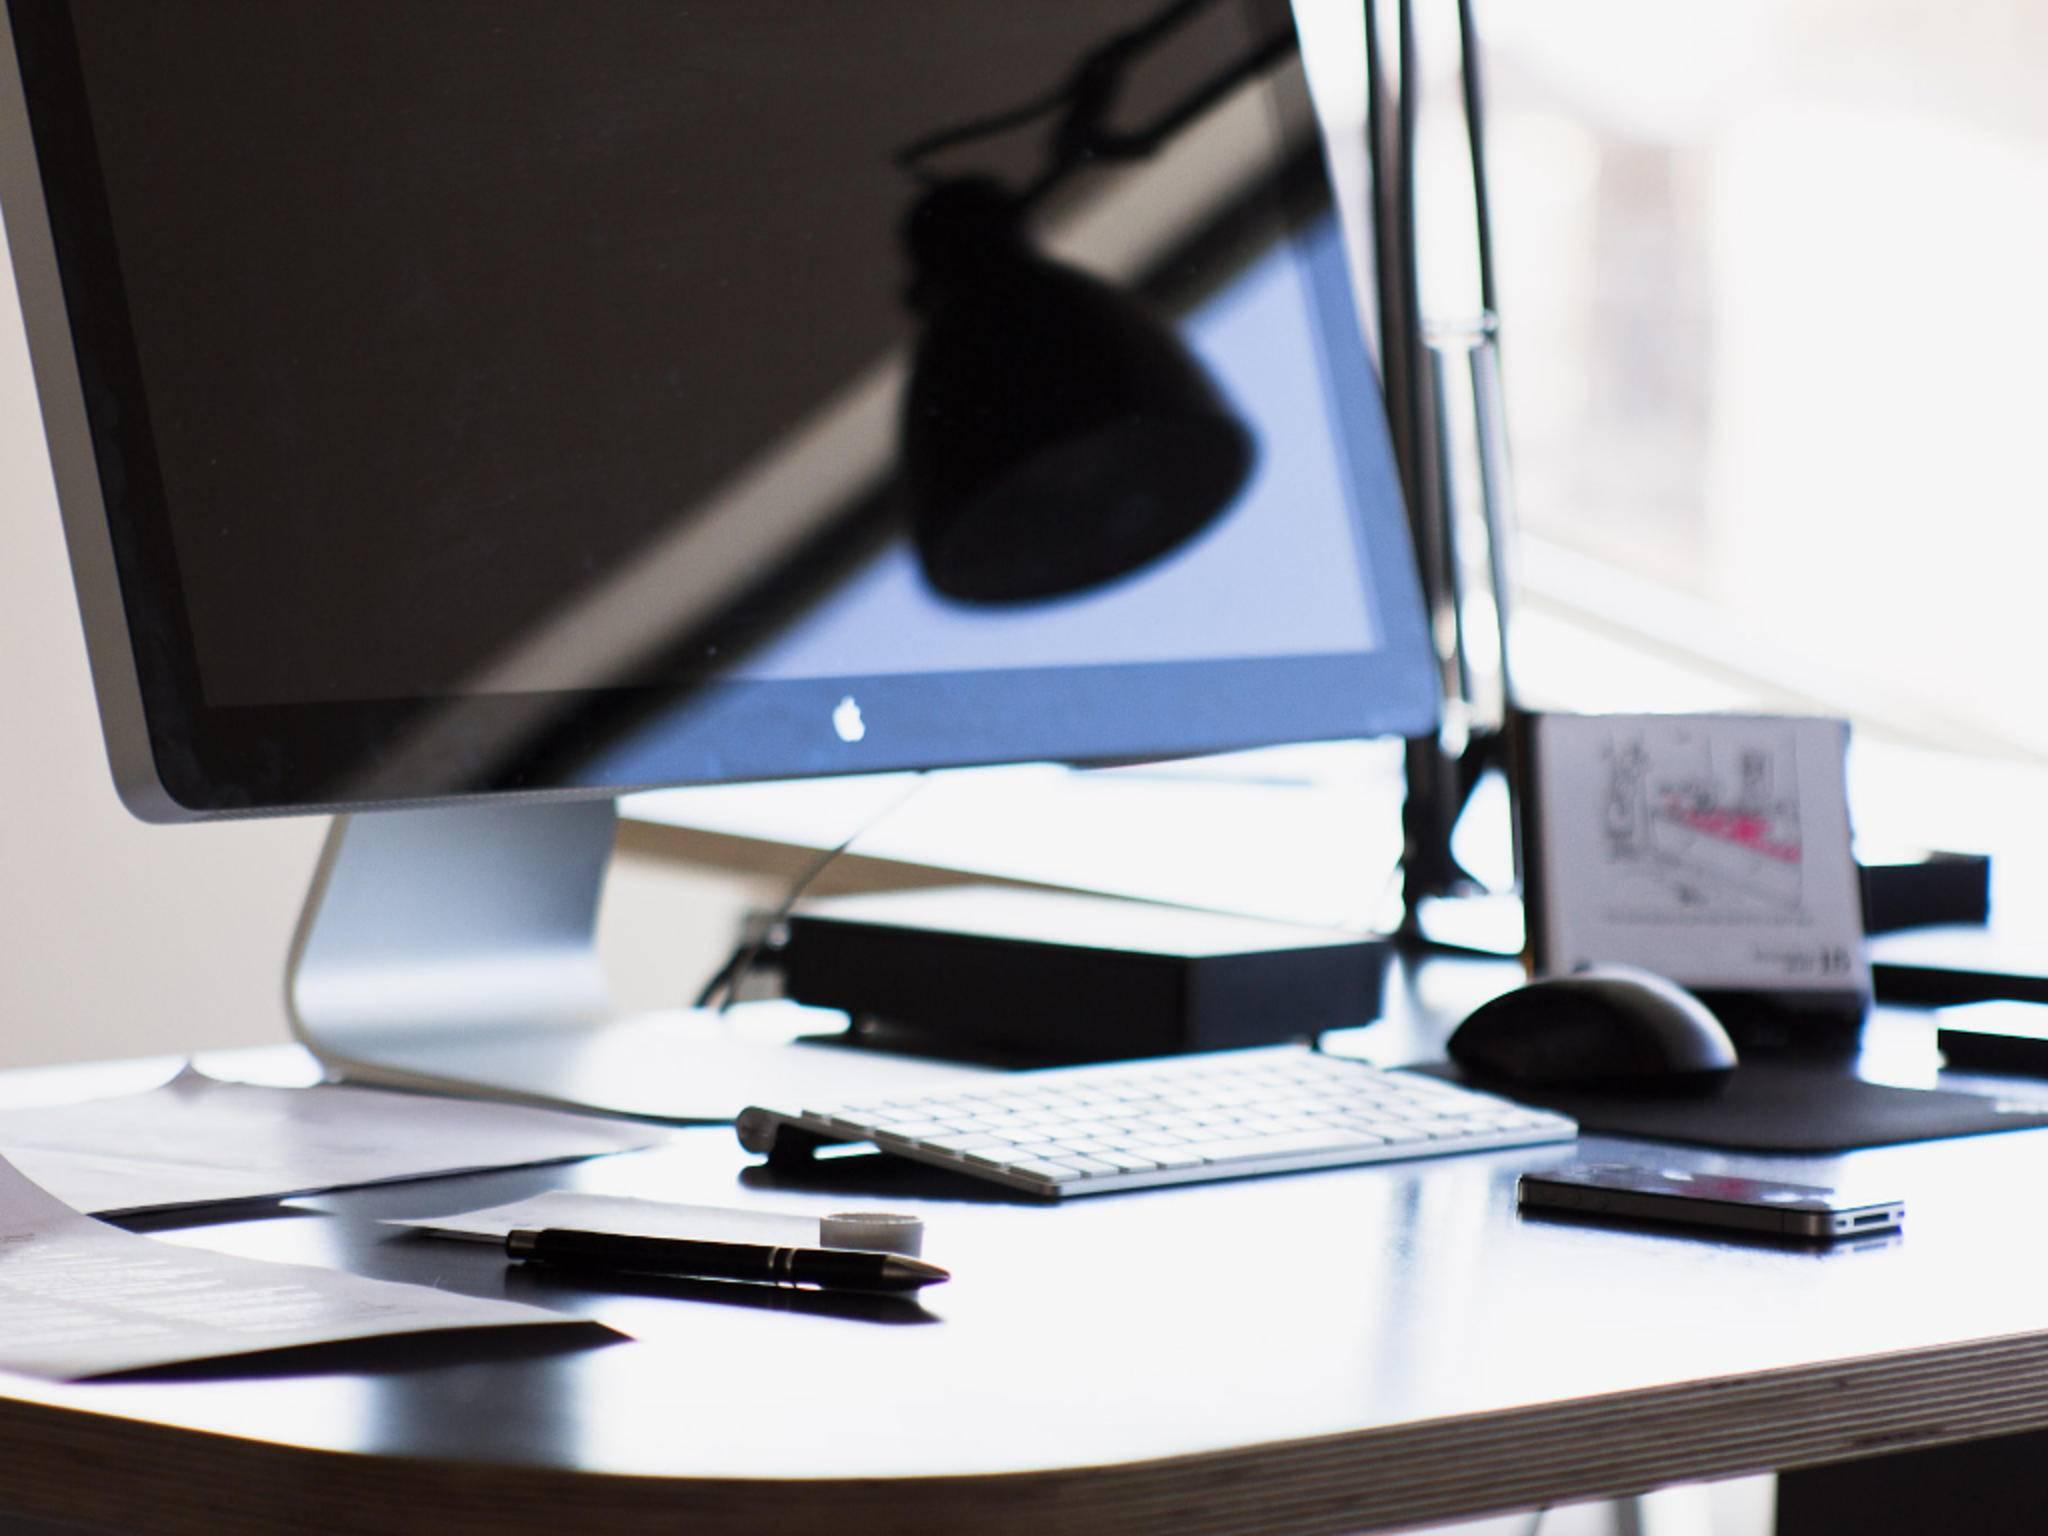 Veröffentlicht Apple einen neuen 5k-Monitor nach Vorbild des iMac?